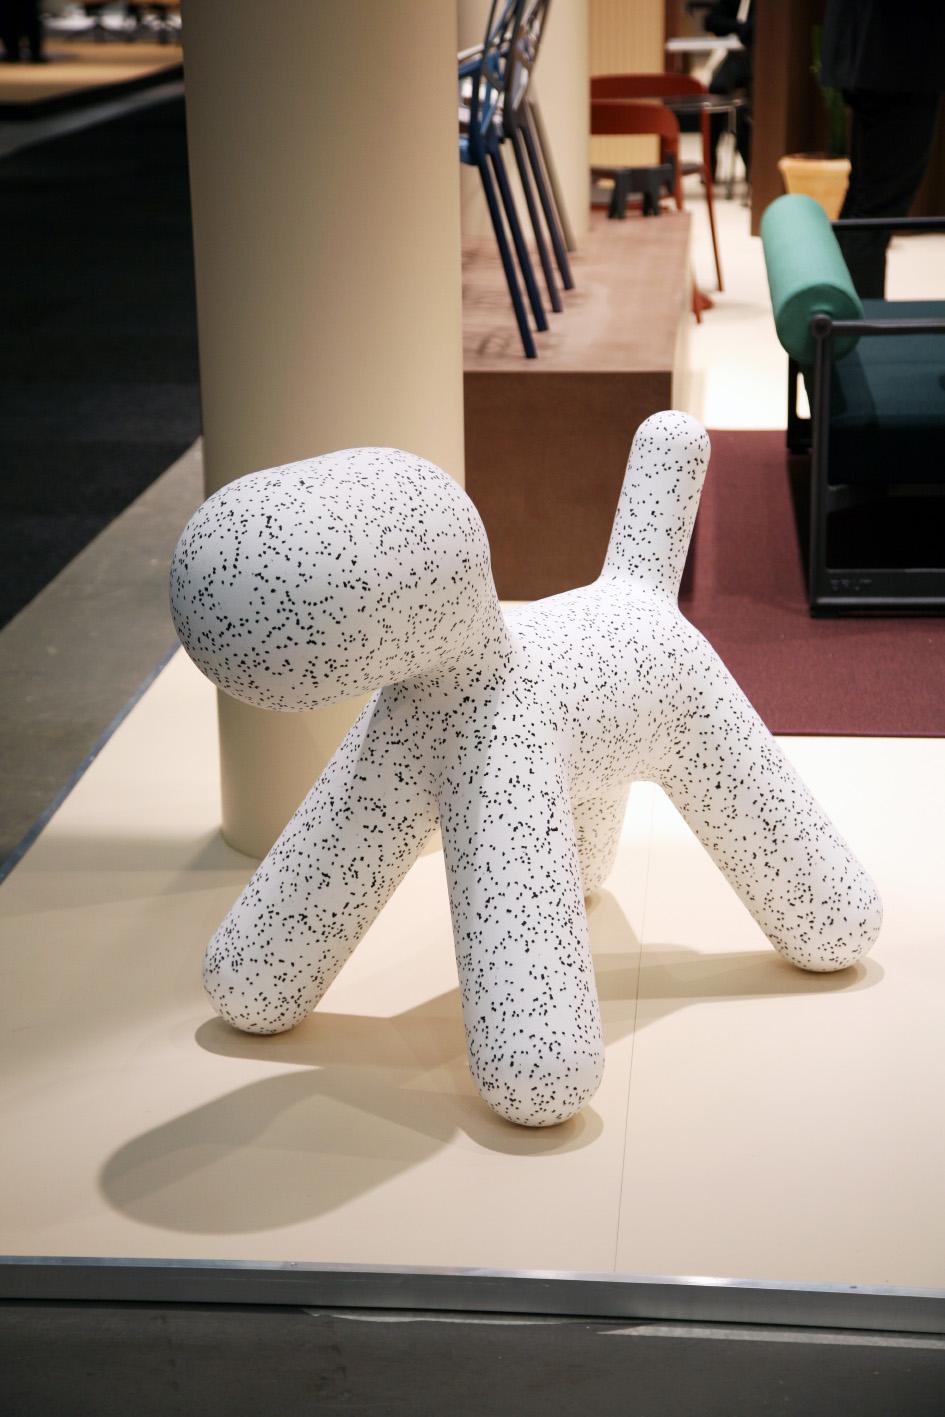 Just den här dalmatiner varianten på   Puppy   från Magis hade jag inte sett innan - är säker på att August och Lilly skulle älska att ha en sådan i sitt rum!